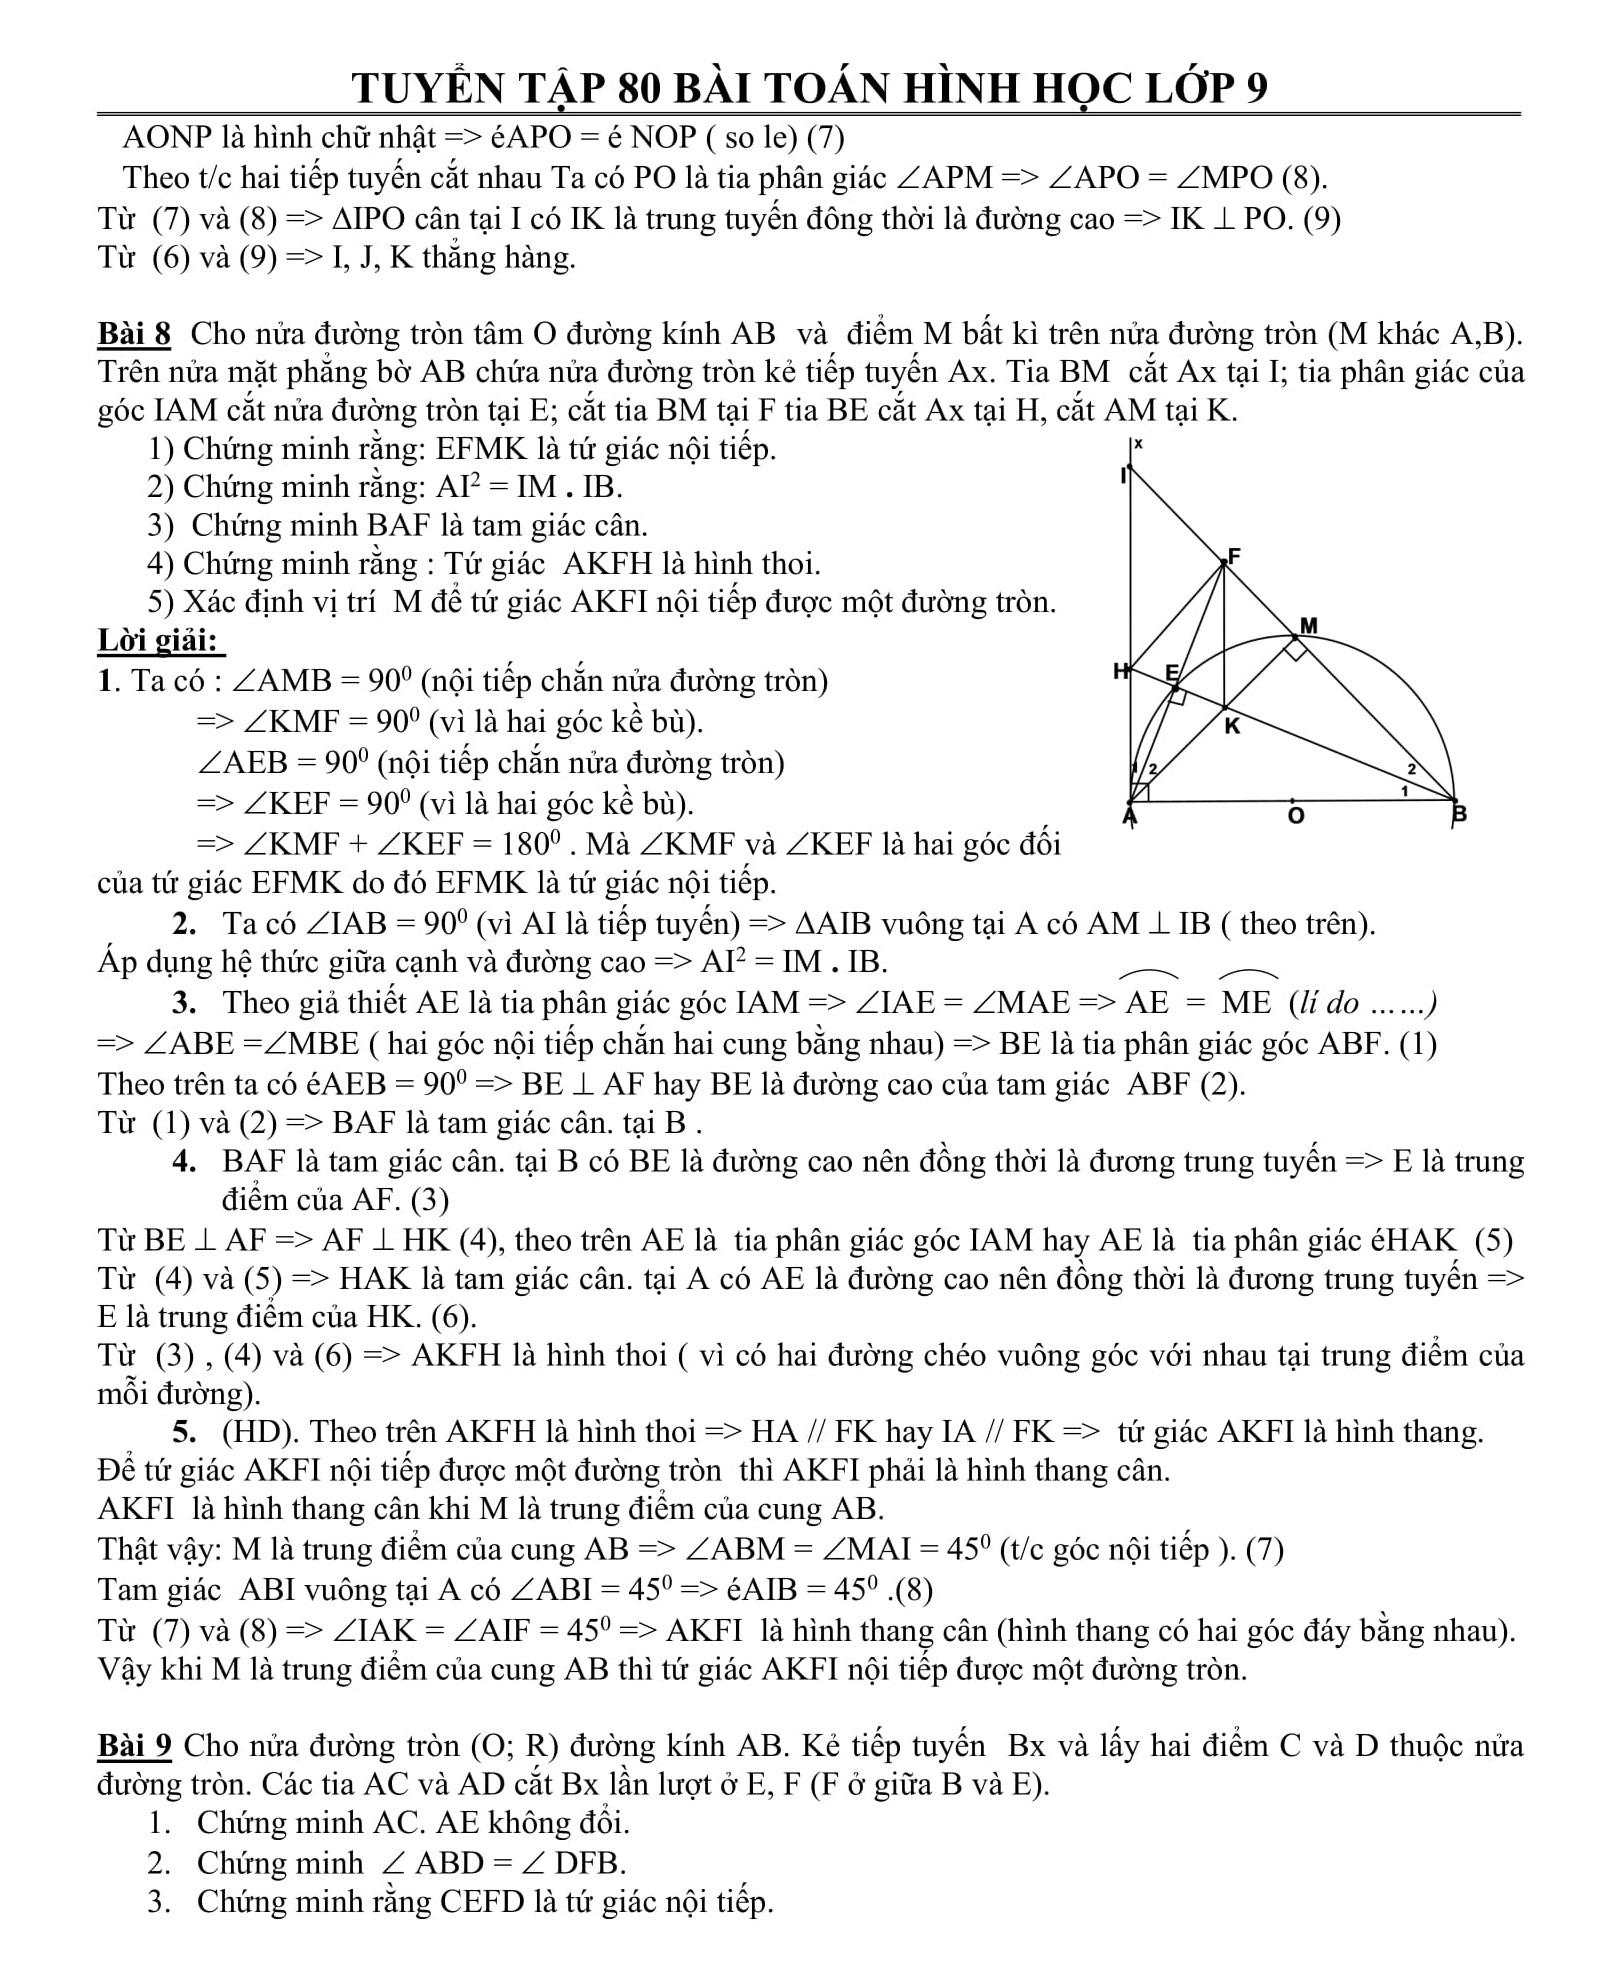 80 bài tập Toán hình 9 có trong các kỳ thi tuyển sinh